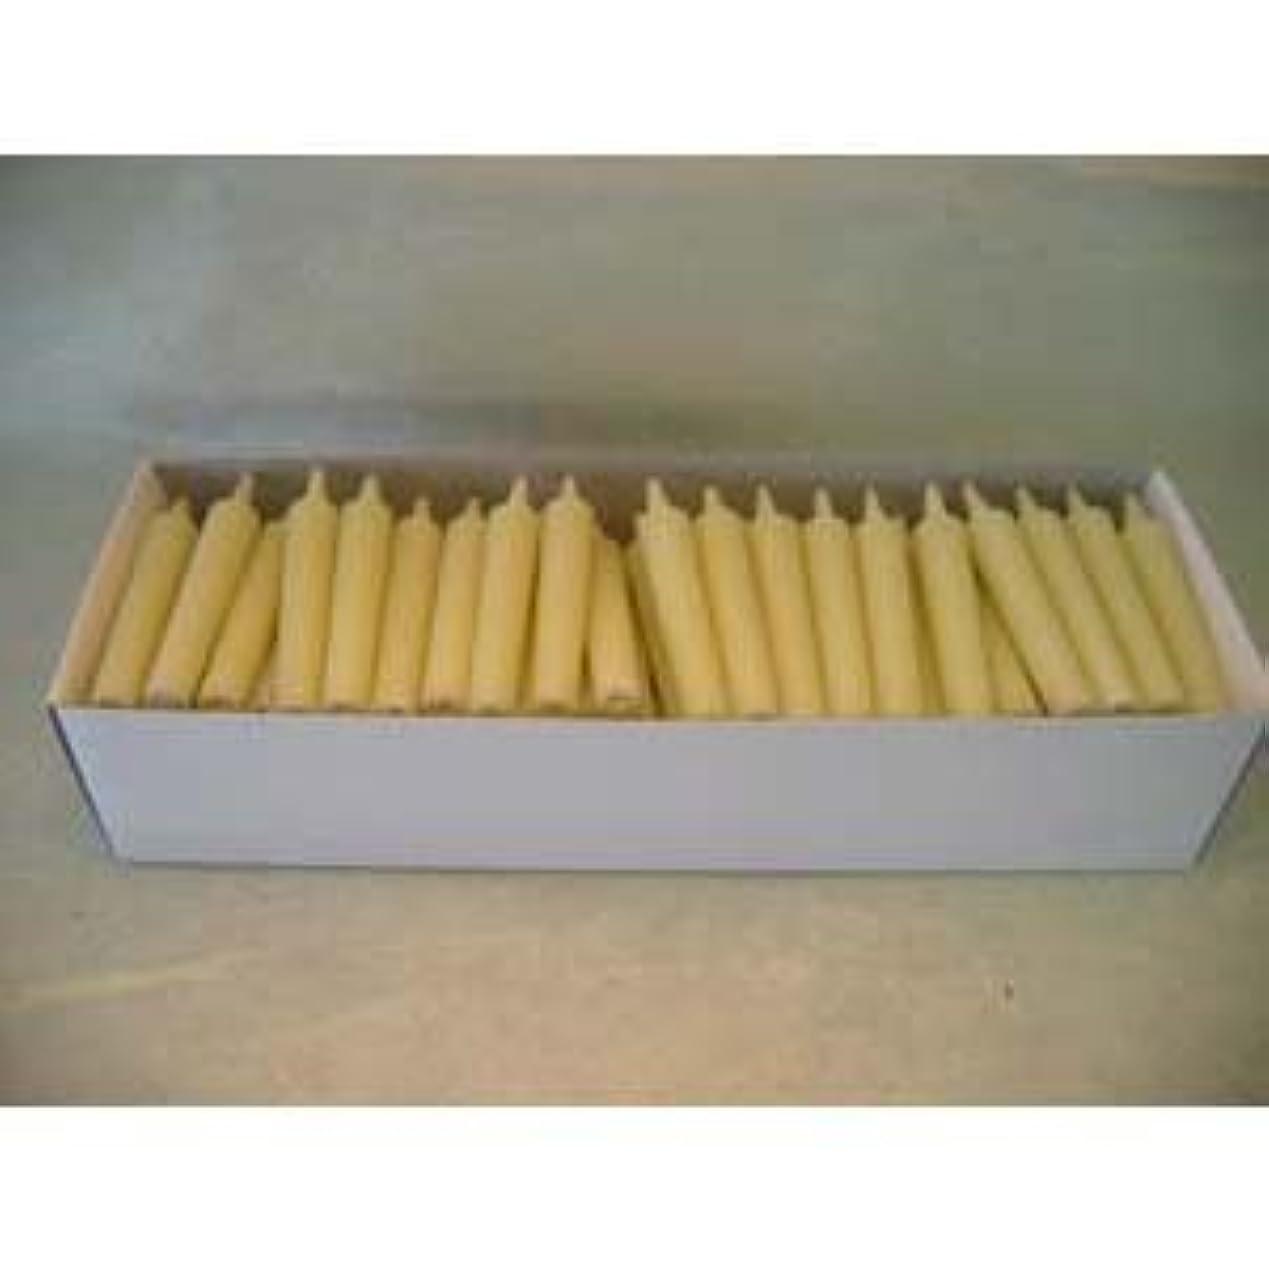 神学校囲まれたロータリー和ろうそく 型和蝋燭 ローソク 豆型 棒タイプ 白 100本入り